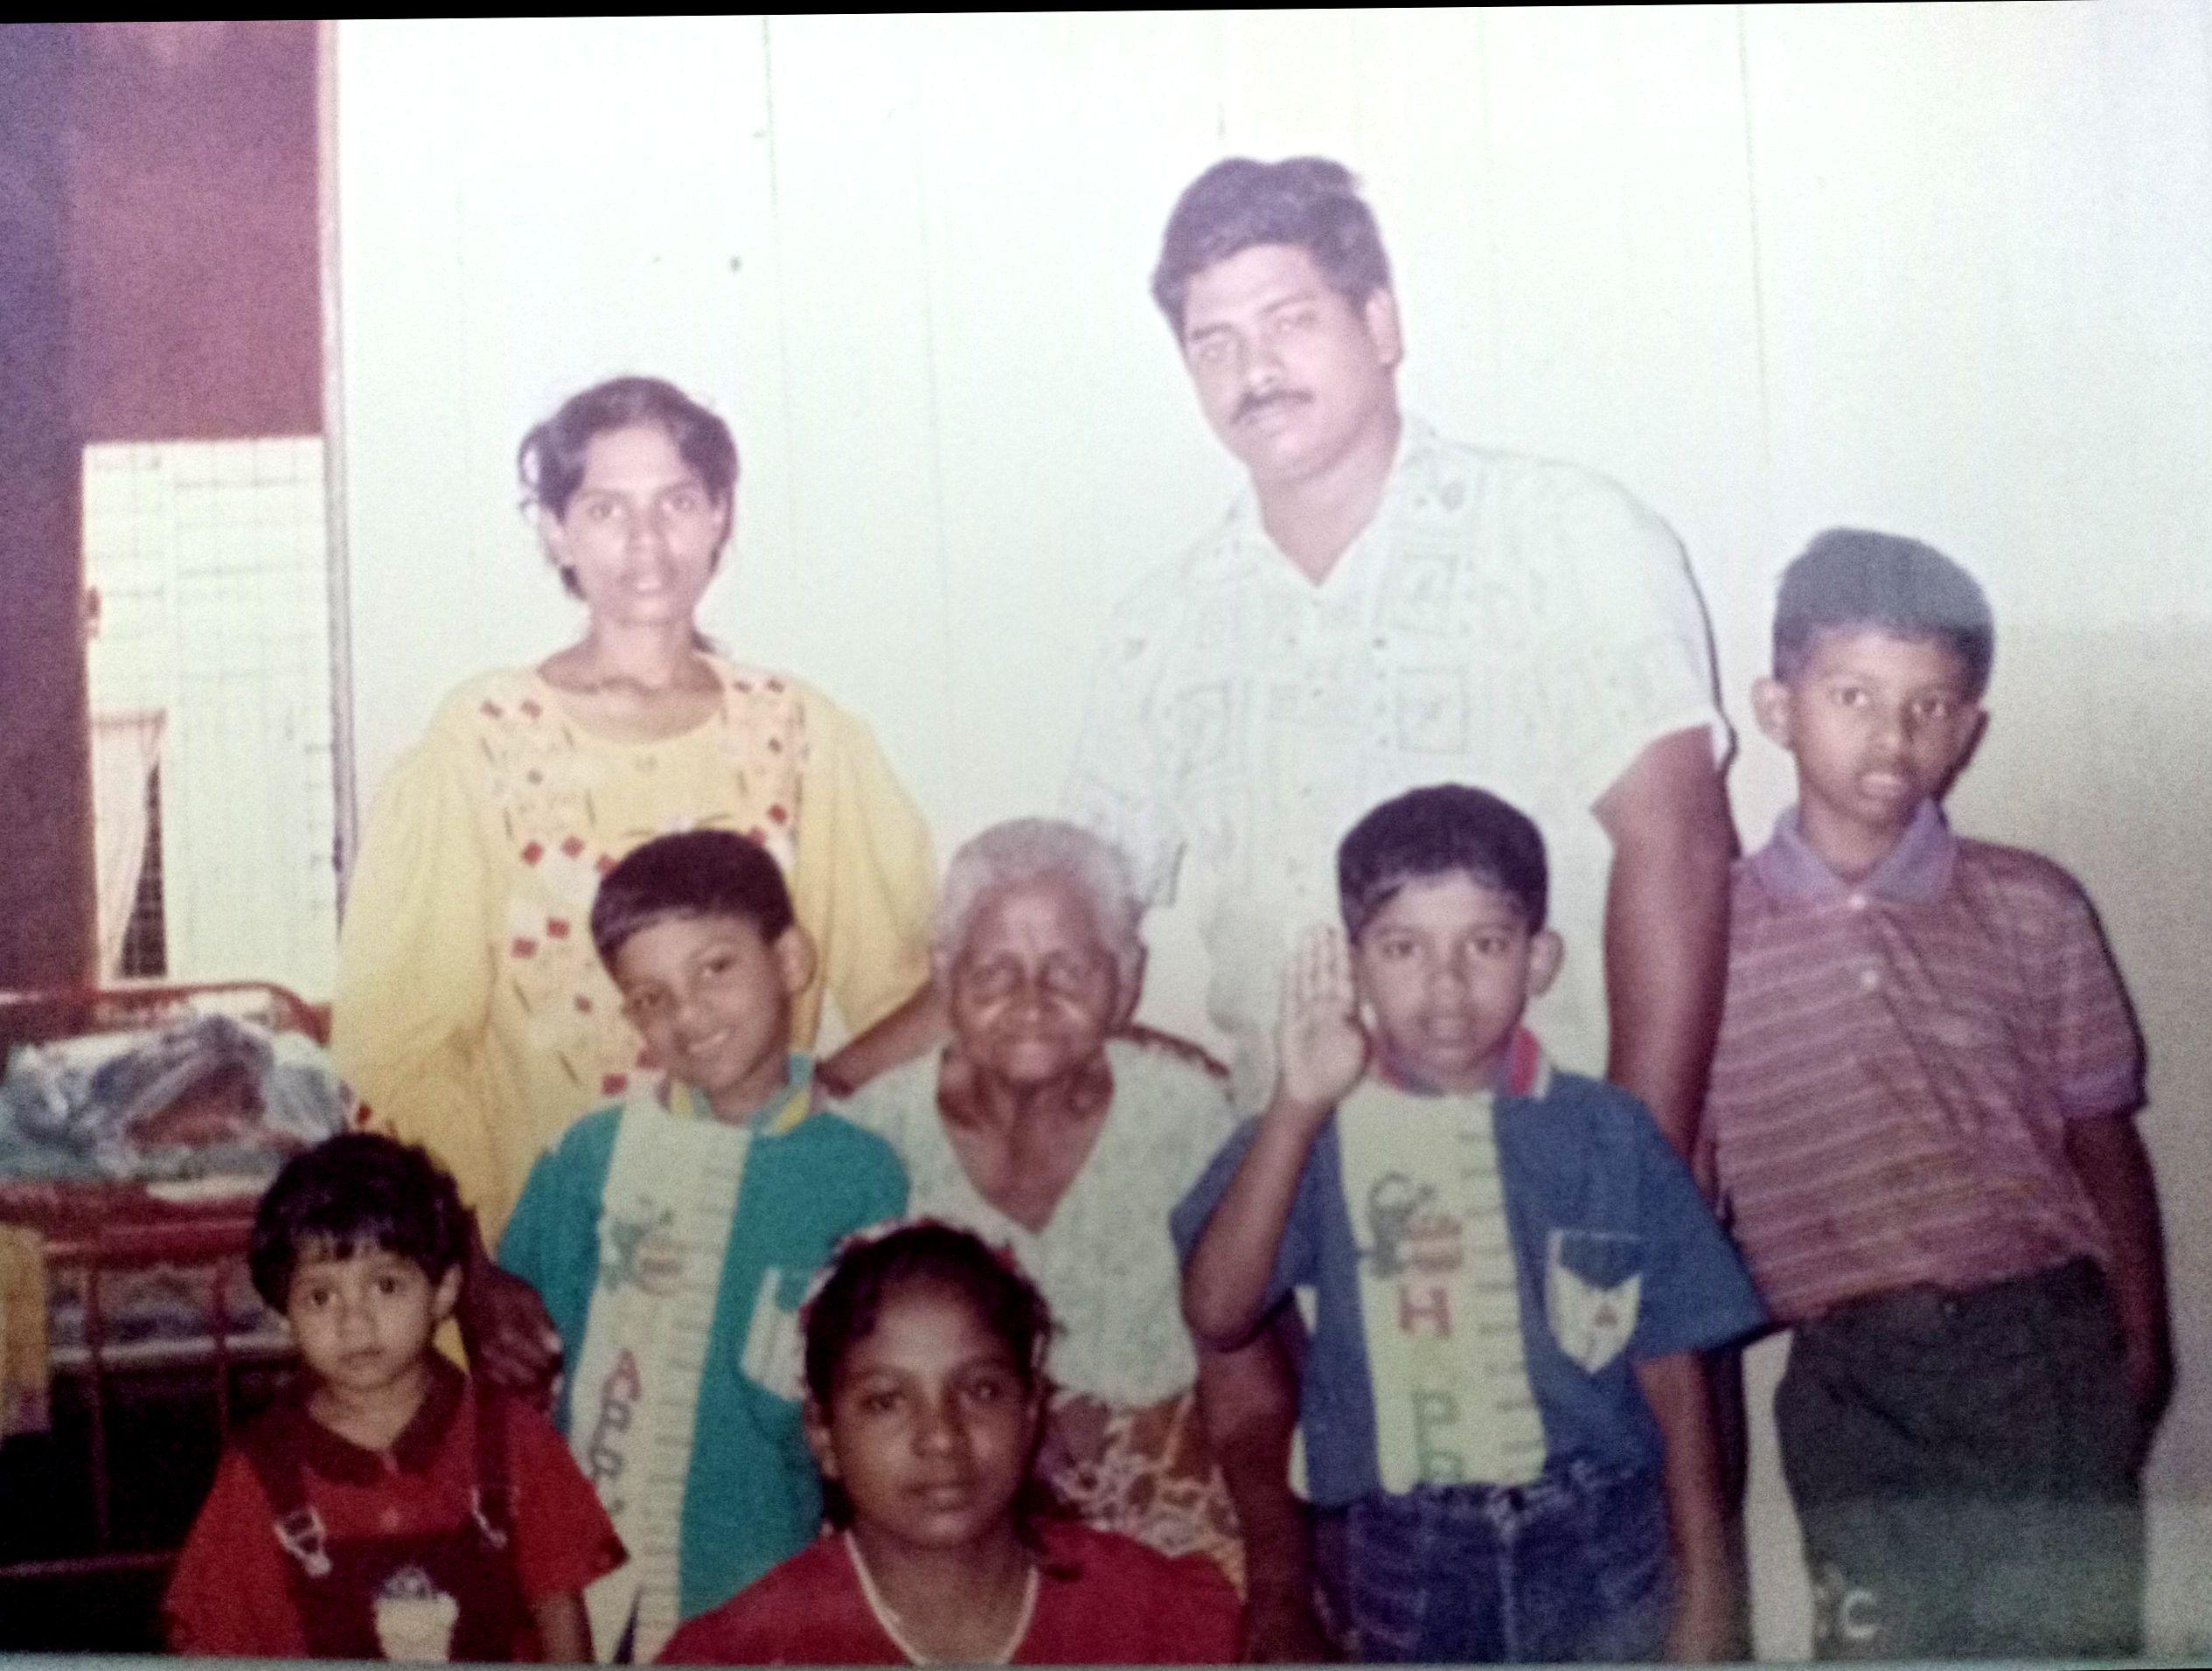 Visiting Grandma, Aged 7